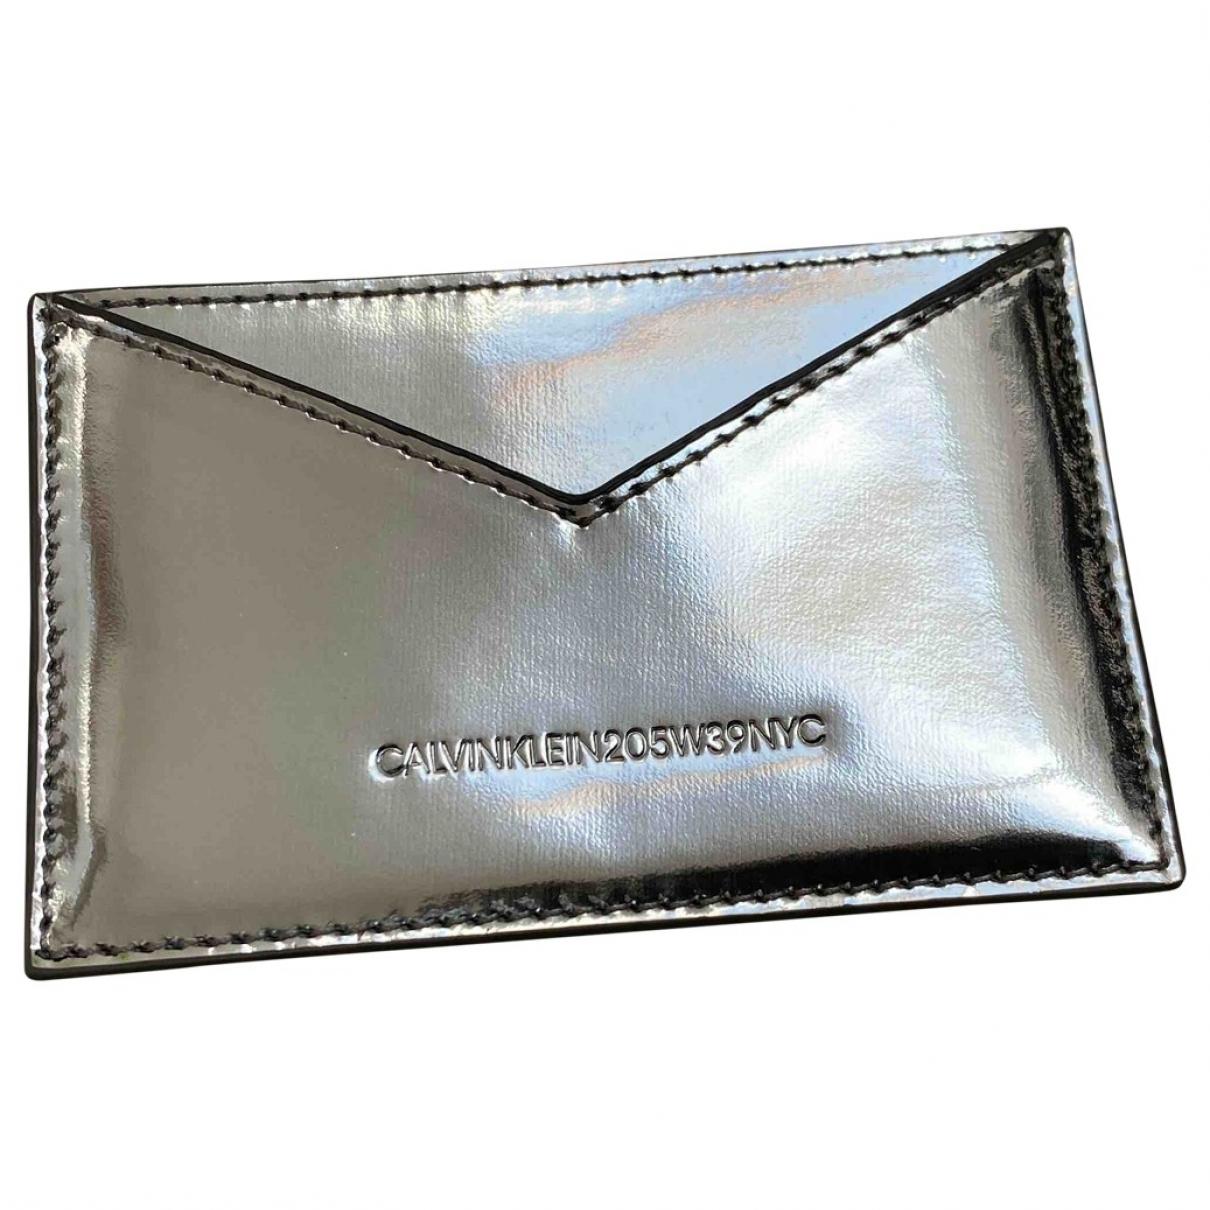 Calvin Klein 205w39nyc - Portefeuille   pour femme en cuir verni - argente